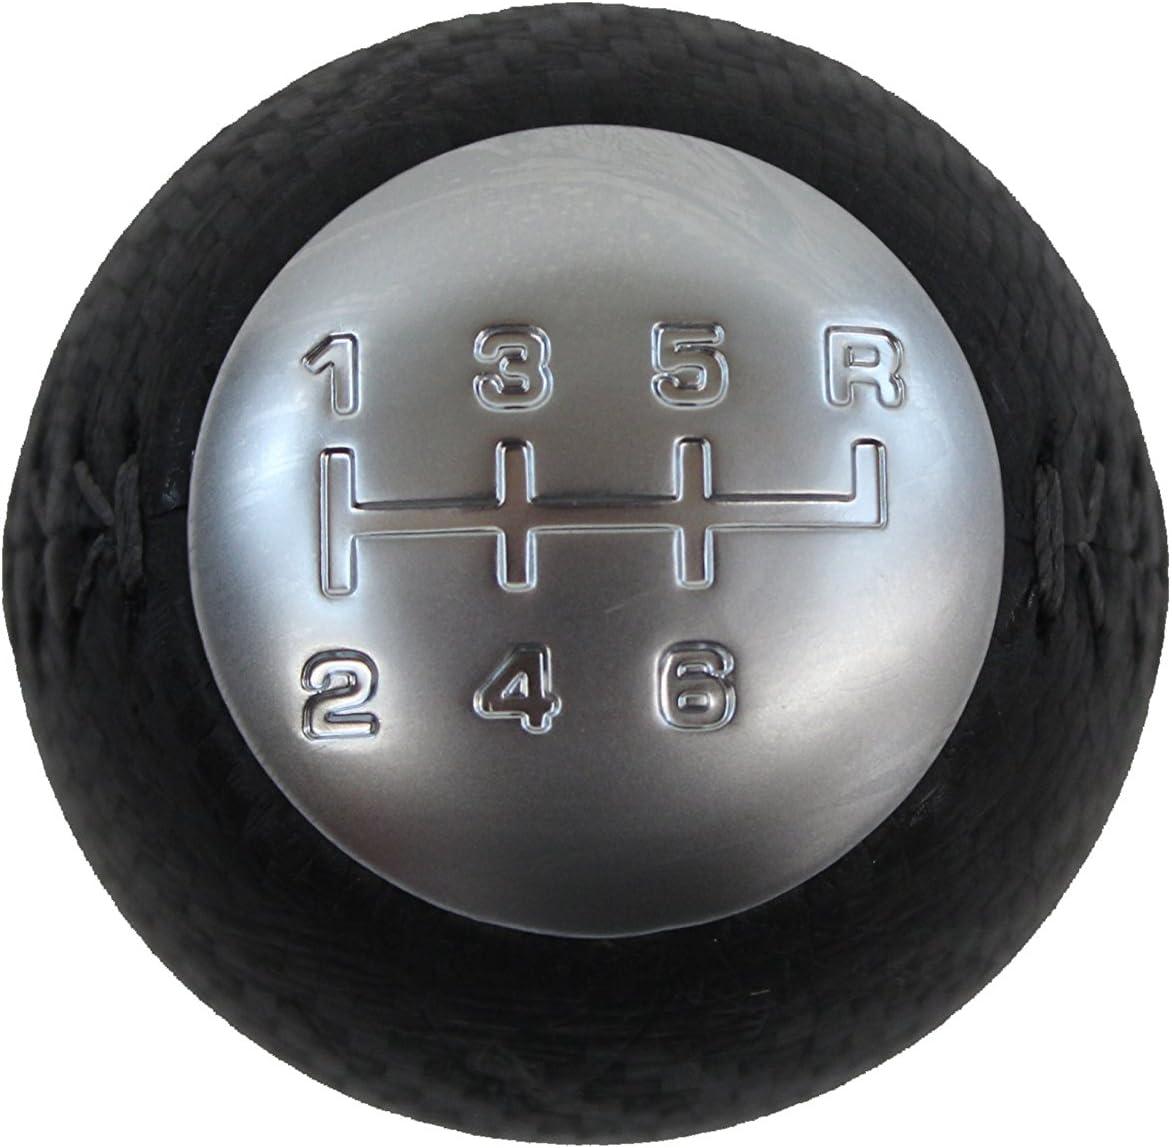 Genuine Mopar P5155705 Shifter